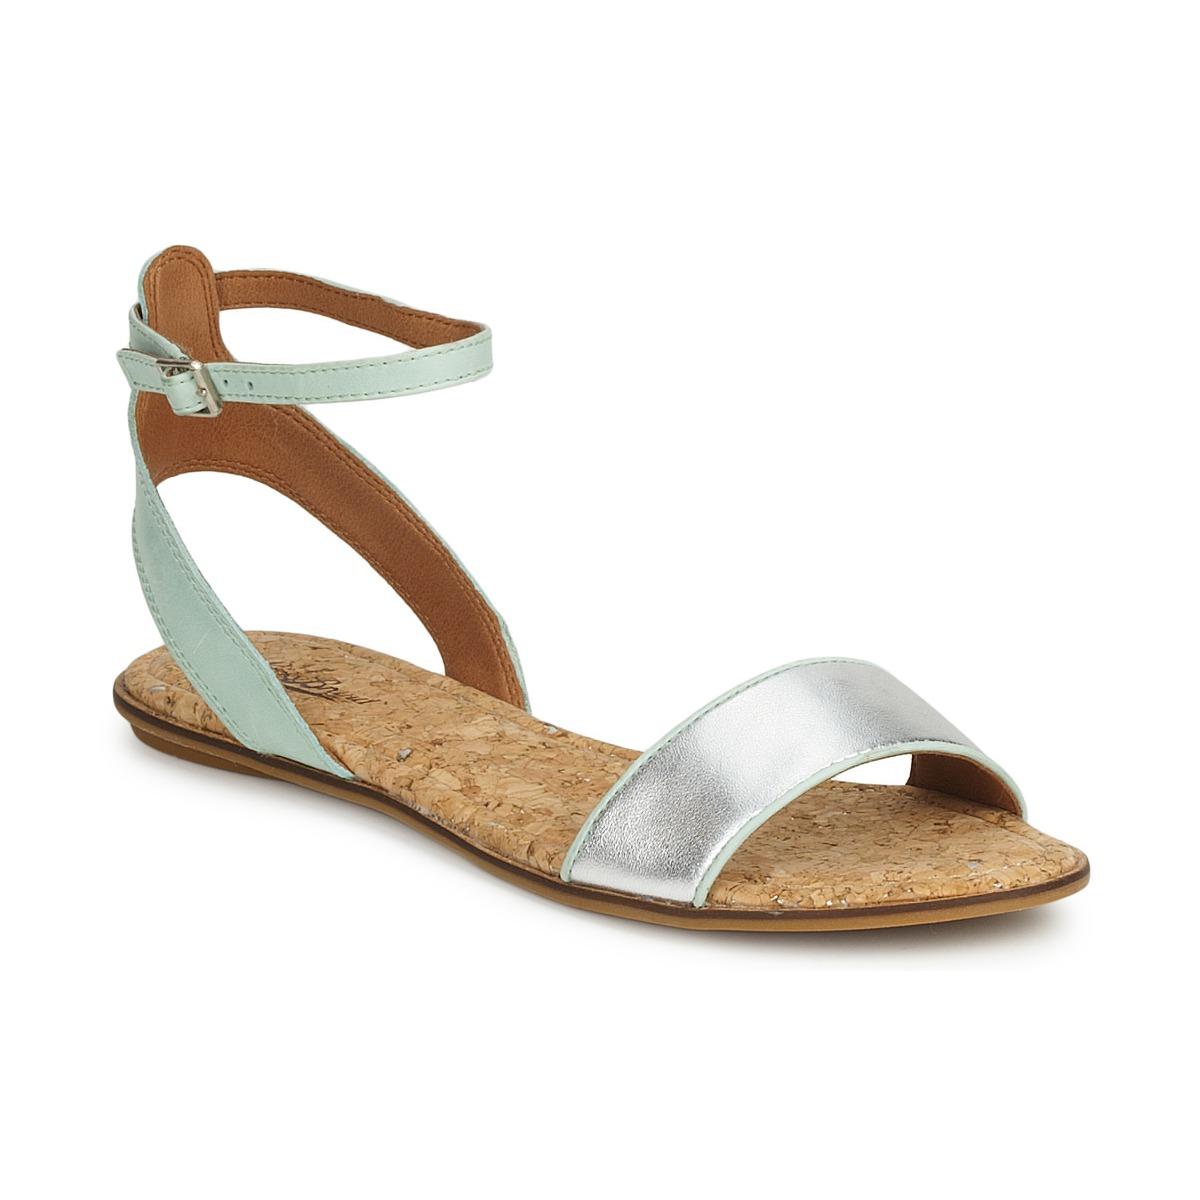 Lucky Brand COVELA Schwarz /indian magente / Silber - Kostenloser Versand bei Spartoode ! - Schuhe Sandalen / Sandaletten Damen 90,99 €